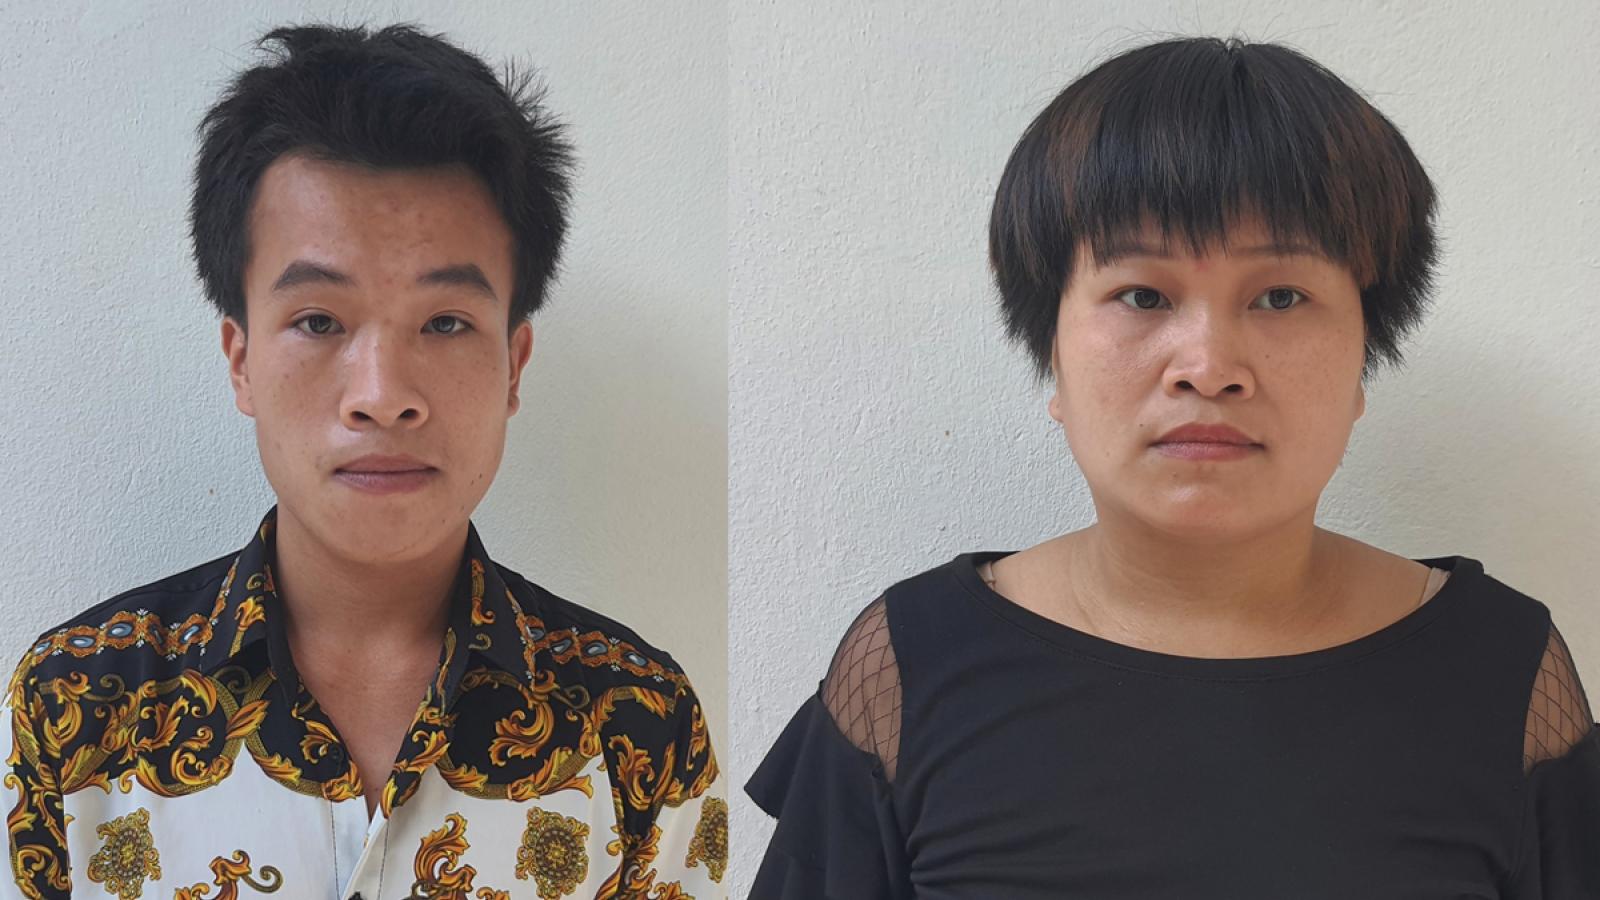 Khởi tố vụ án hai chị em ruột đưa người xuất cảnh trái phép